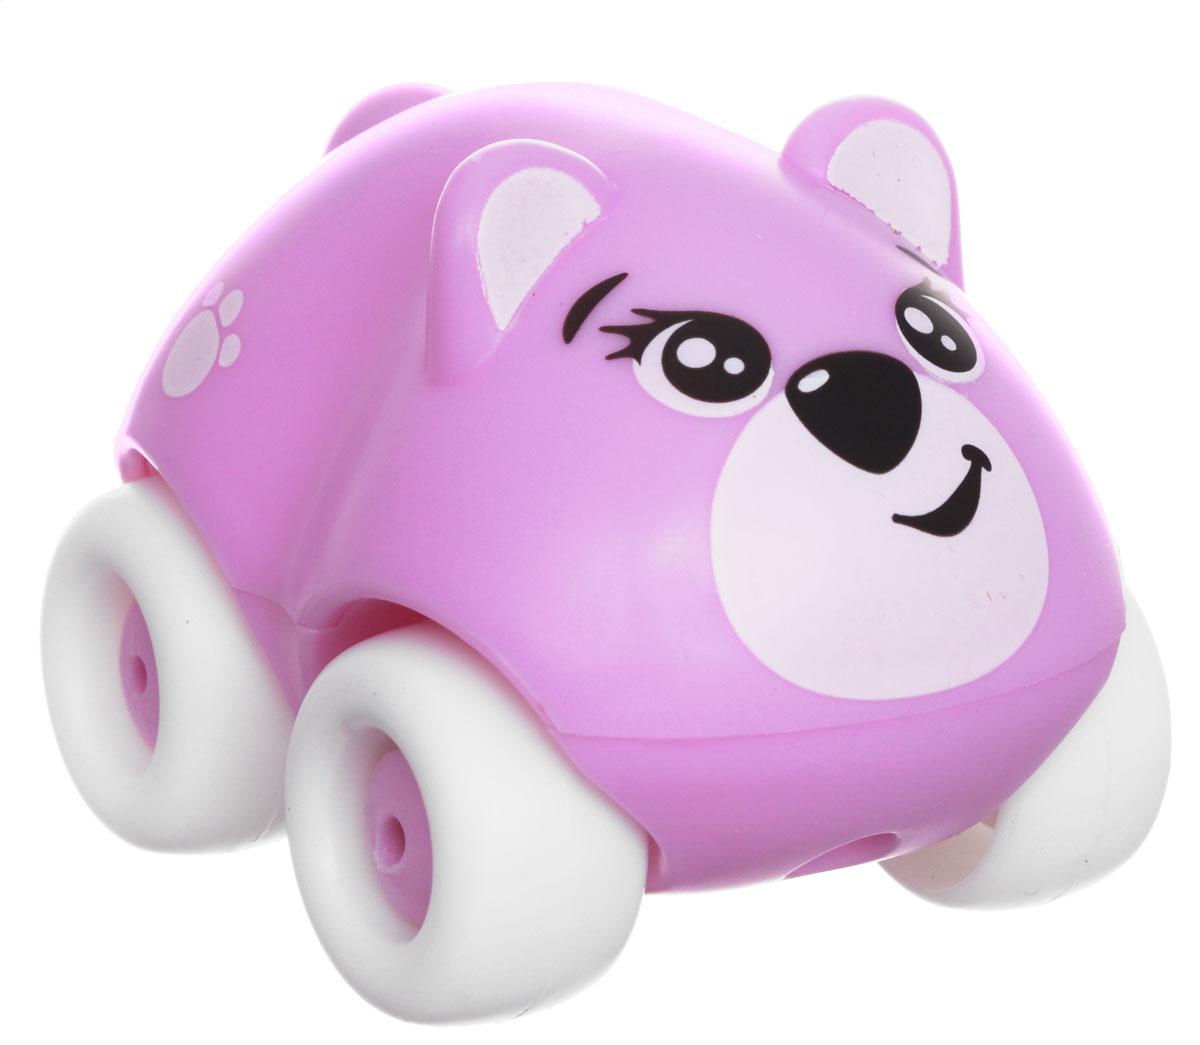 Smoby Машинка Animal Planet Мишка211349_мишка, св.сиреневыйМашинка Smoby Animal Planet. Мишка привлечет внимание вашего ребенка и не позволит ему скучать. Машинка оформлена очаровательной мордочкой медвежонка, дополнена двумя круглыми ушками и небольшим хвостиком. Колесики машинки вращаются. Игрушка выполнена из прочного пластика и не имеют острых граней, что делает ее безопасной для игры малышей. Игры с такой машинкой развивают концентрацию внимания, координацию движений, мелкую и крупную моторику, цветовое восприятие и воображение. Малыш будет часами играть с машинкой-зверюшкой, придумывая разные истории. Порадуйте своего ребенка таким замечательным подарком!